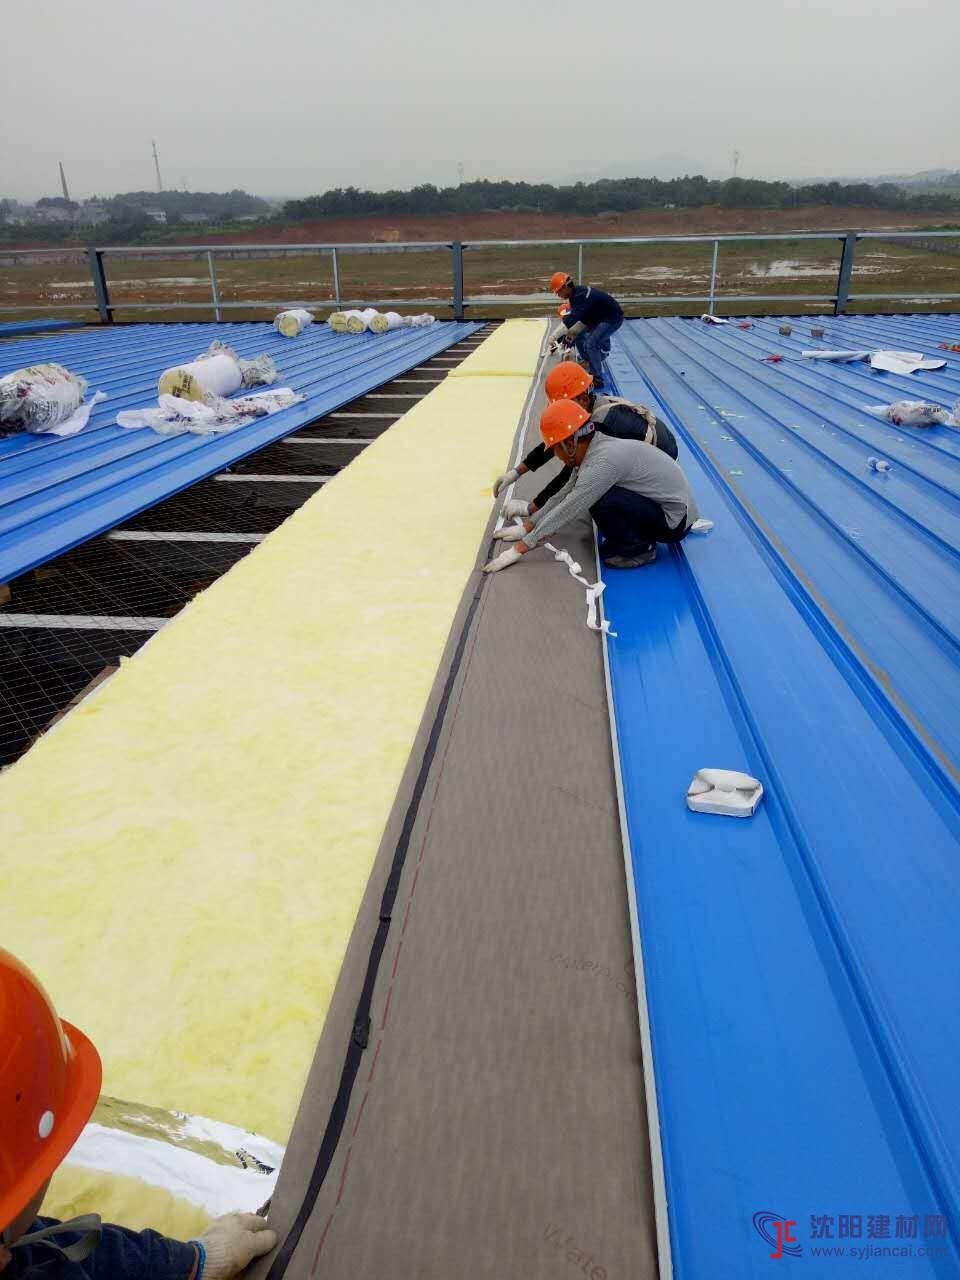 瓦屋面防水透气膜 高密度无纺布复合pe膜 聚乙烯防水透气卷材 钢结构